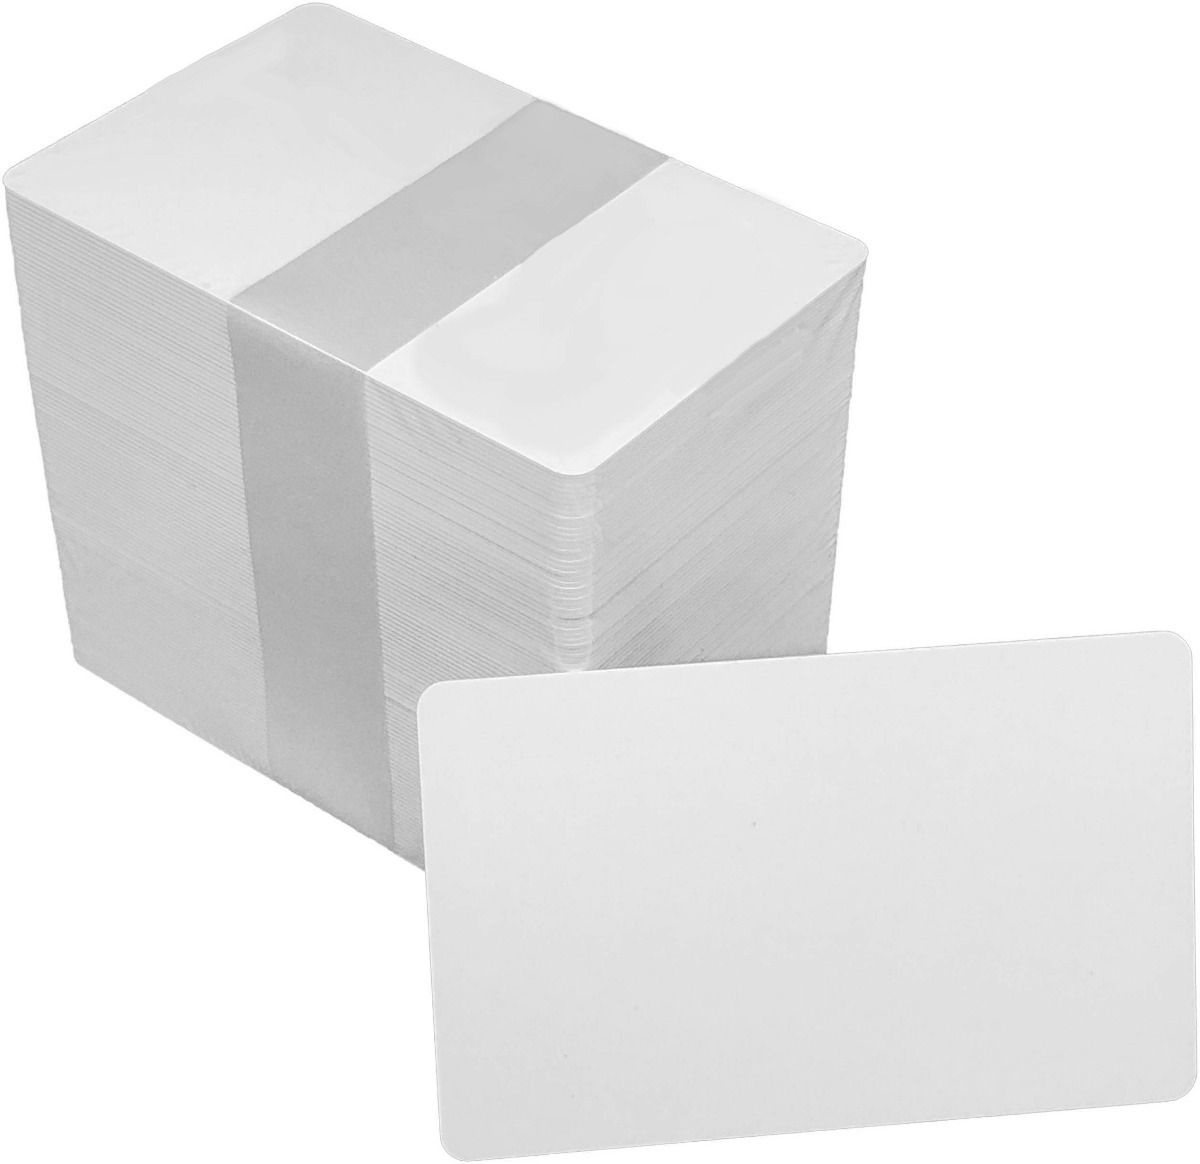 Cartão de  Pvc Branco para  Crachá 54 X 86mm 0,76mm 1000 und